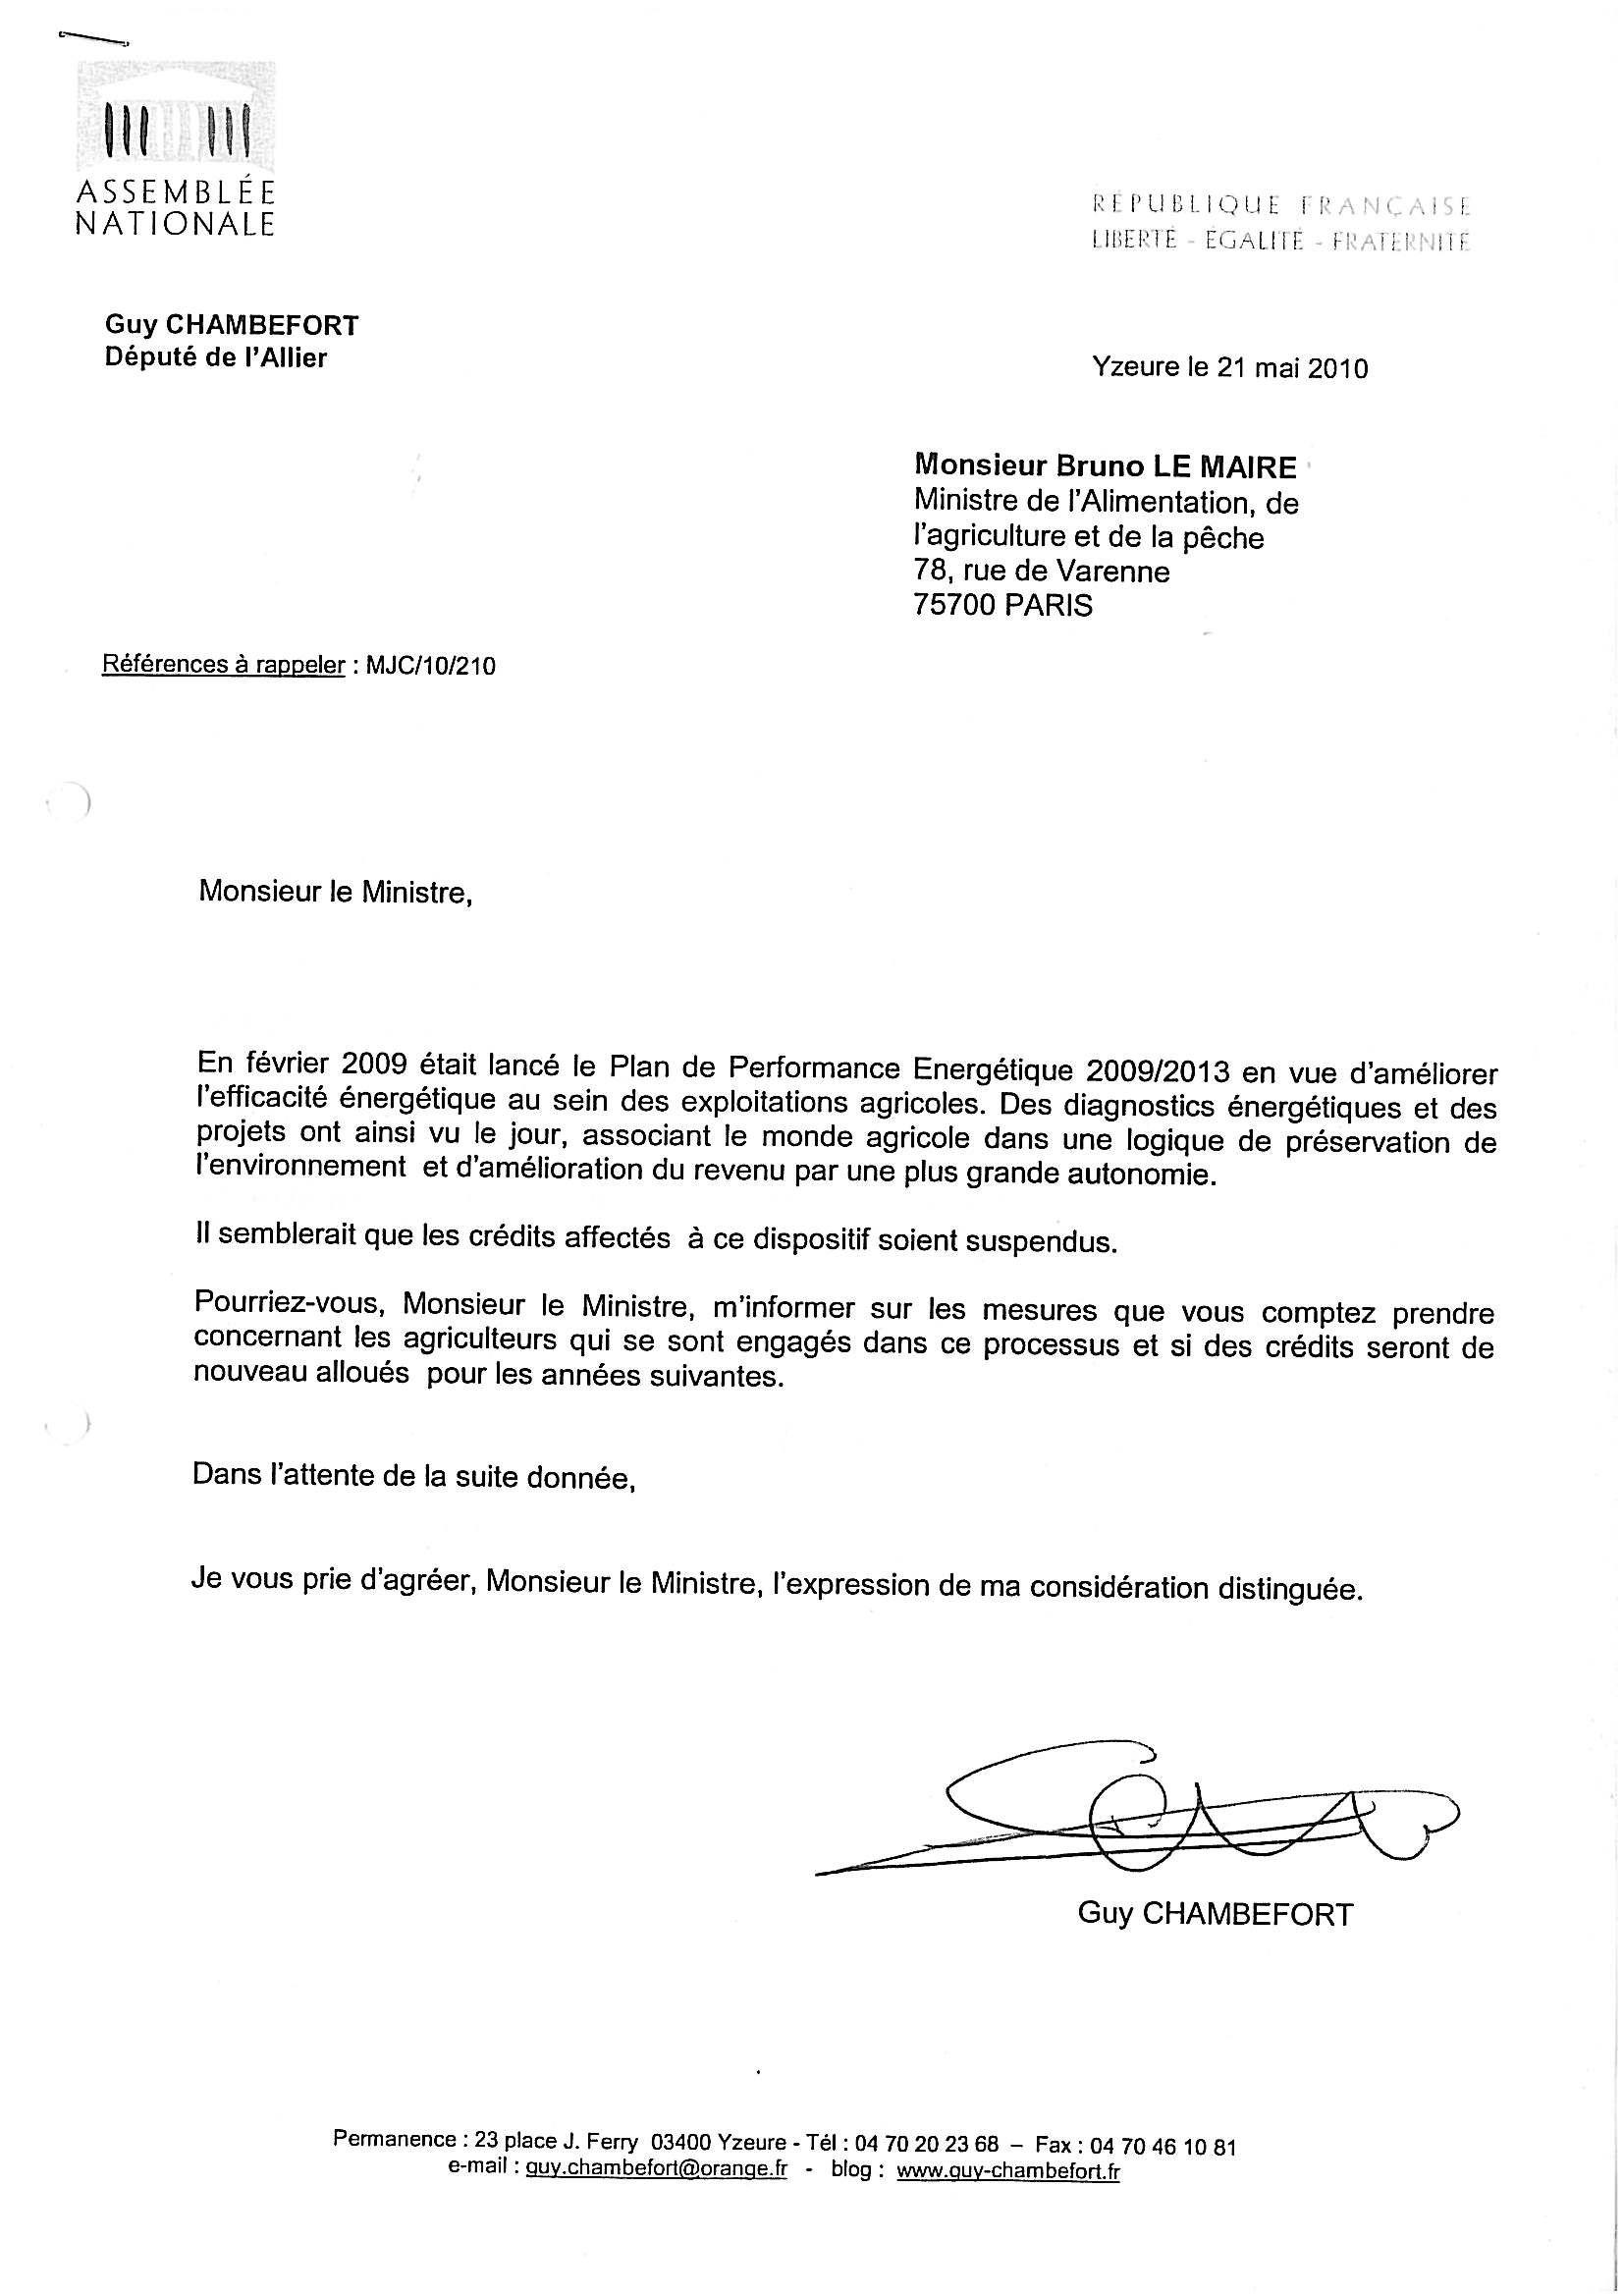 modele de lettre adressée à un ministre Les dossiers de l'agriculture: Ministre de l'alimentation, de l  modele de lettre adressée à un ministre